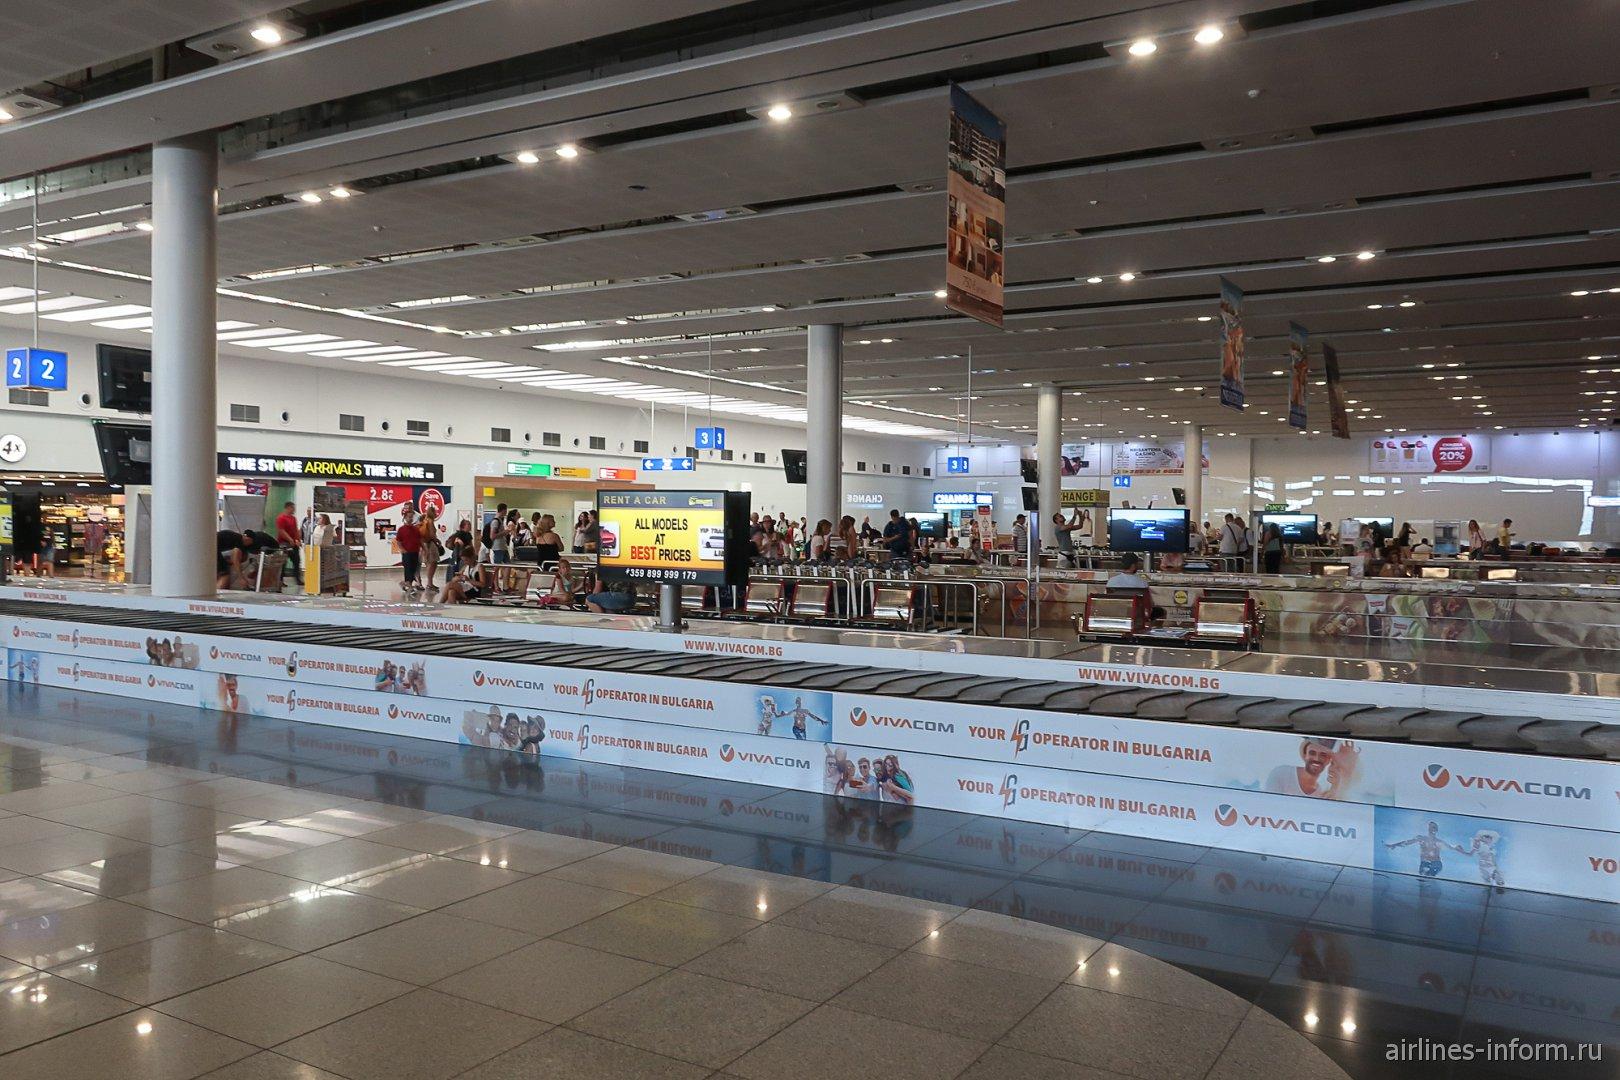 Зал выдачи багажа в аэропорту Бургас